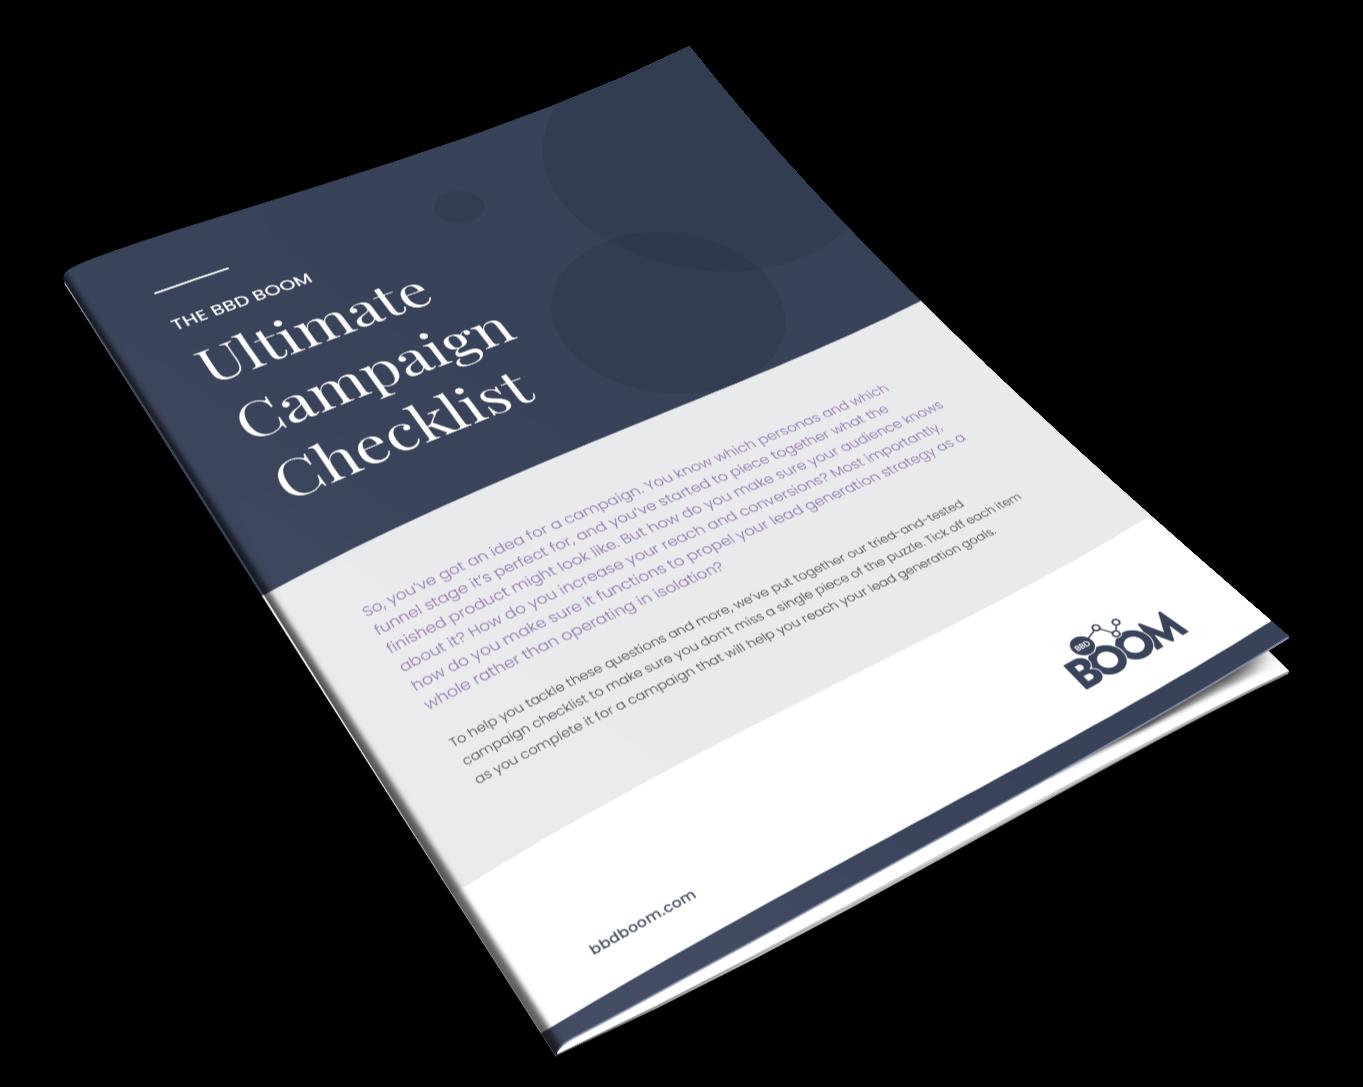 Ultimate-Campaign-Checklist-2